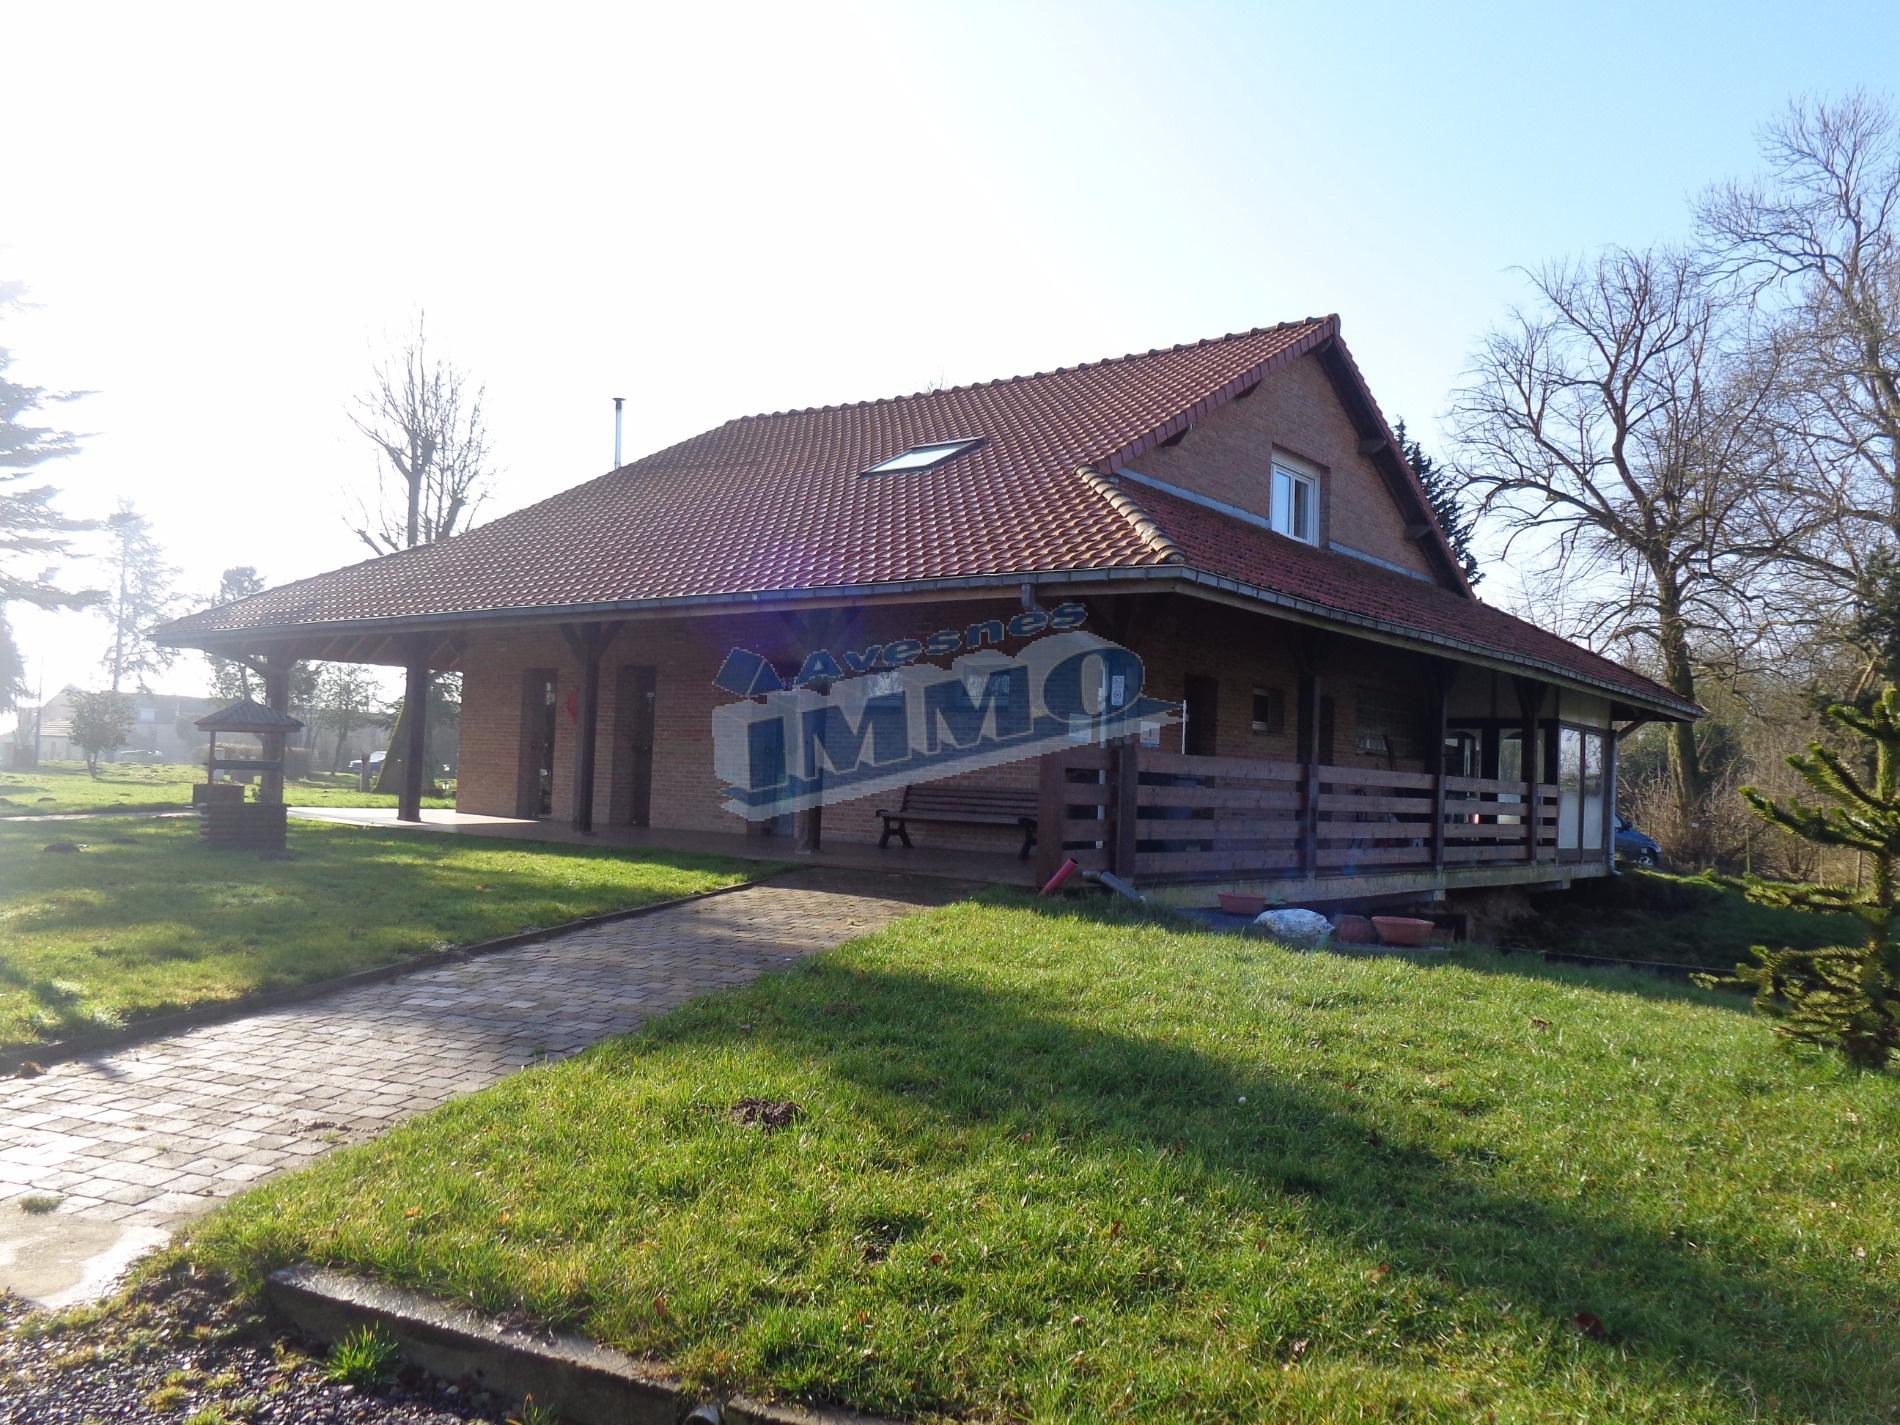 Vente habitation sur 2 hectares 400 secteur d 39 aubigny for Vente habitation